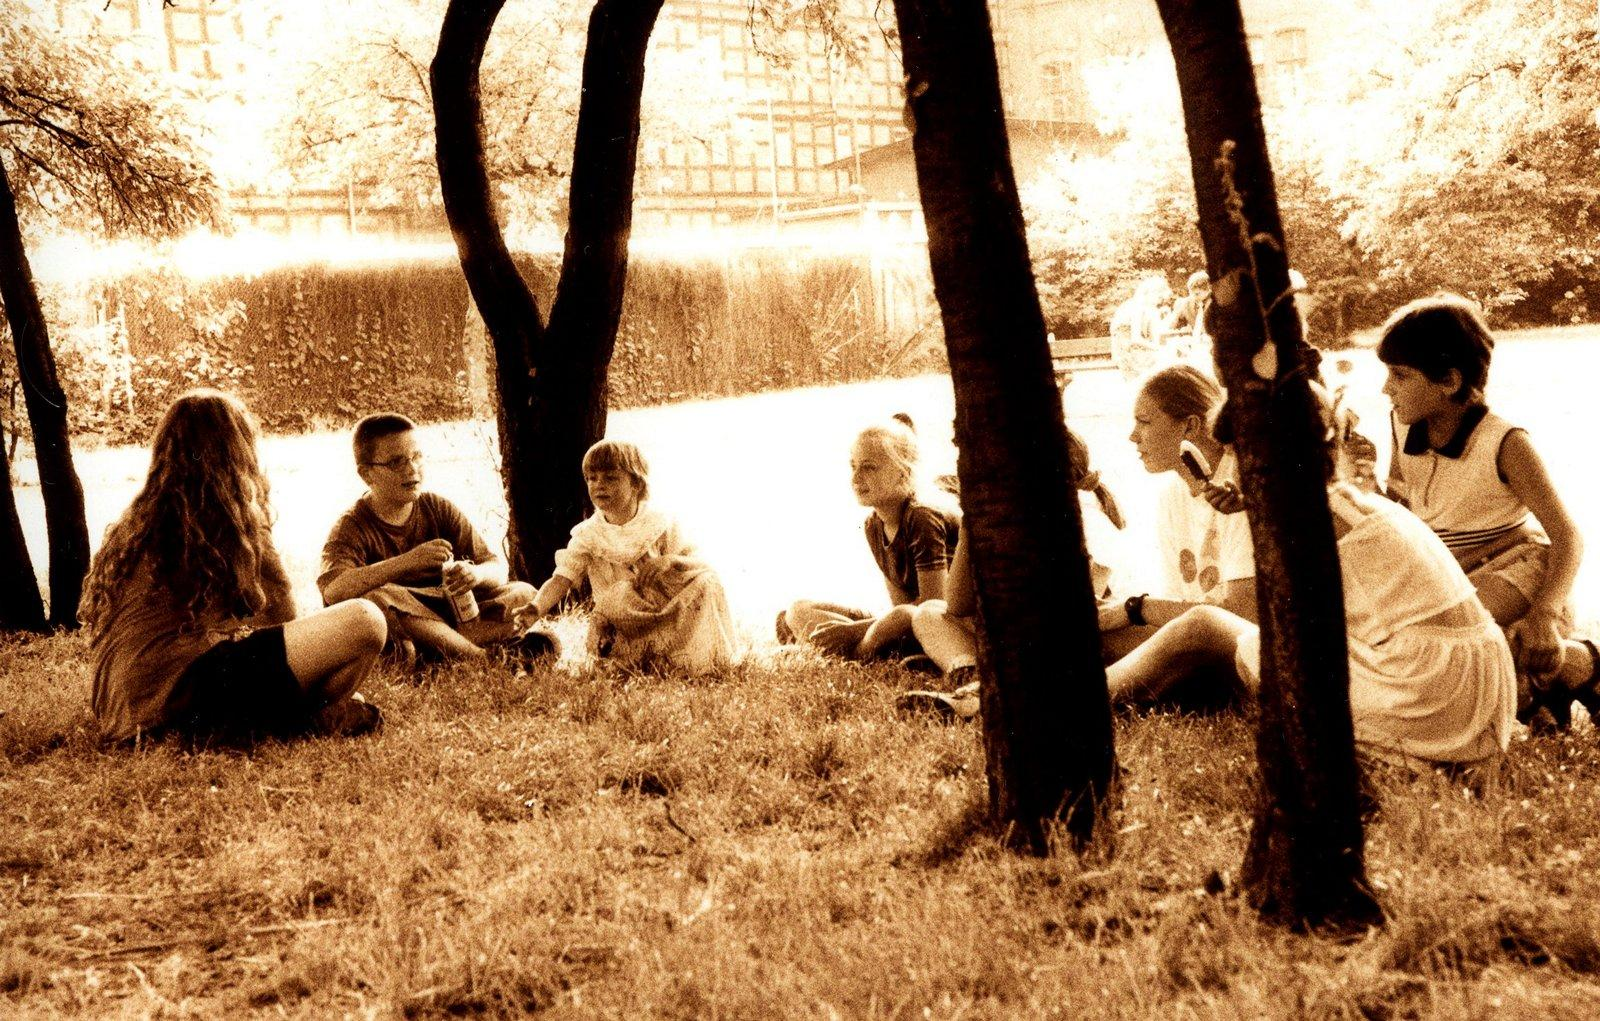 Dzieci, które już dorosły – ogródek na Wyspie Młyńskiej, 2000